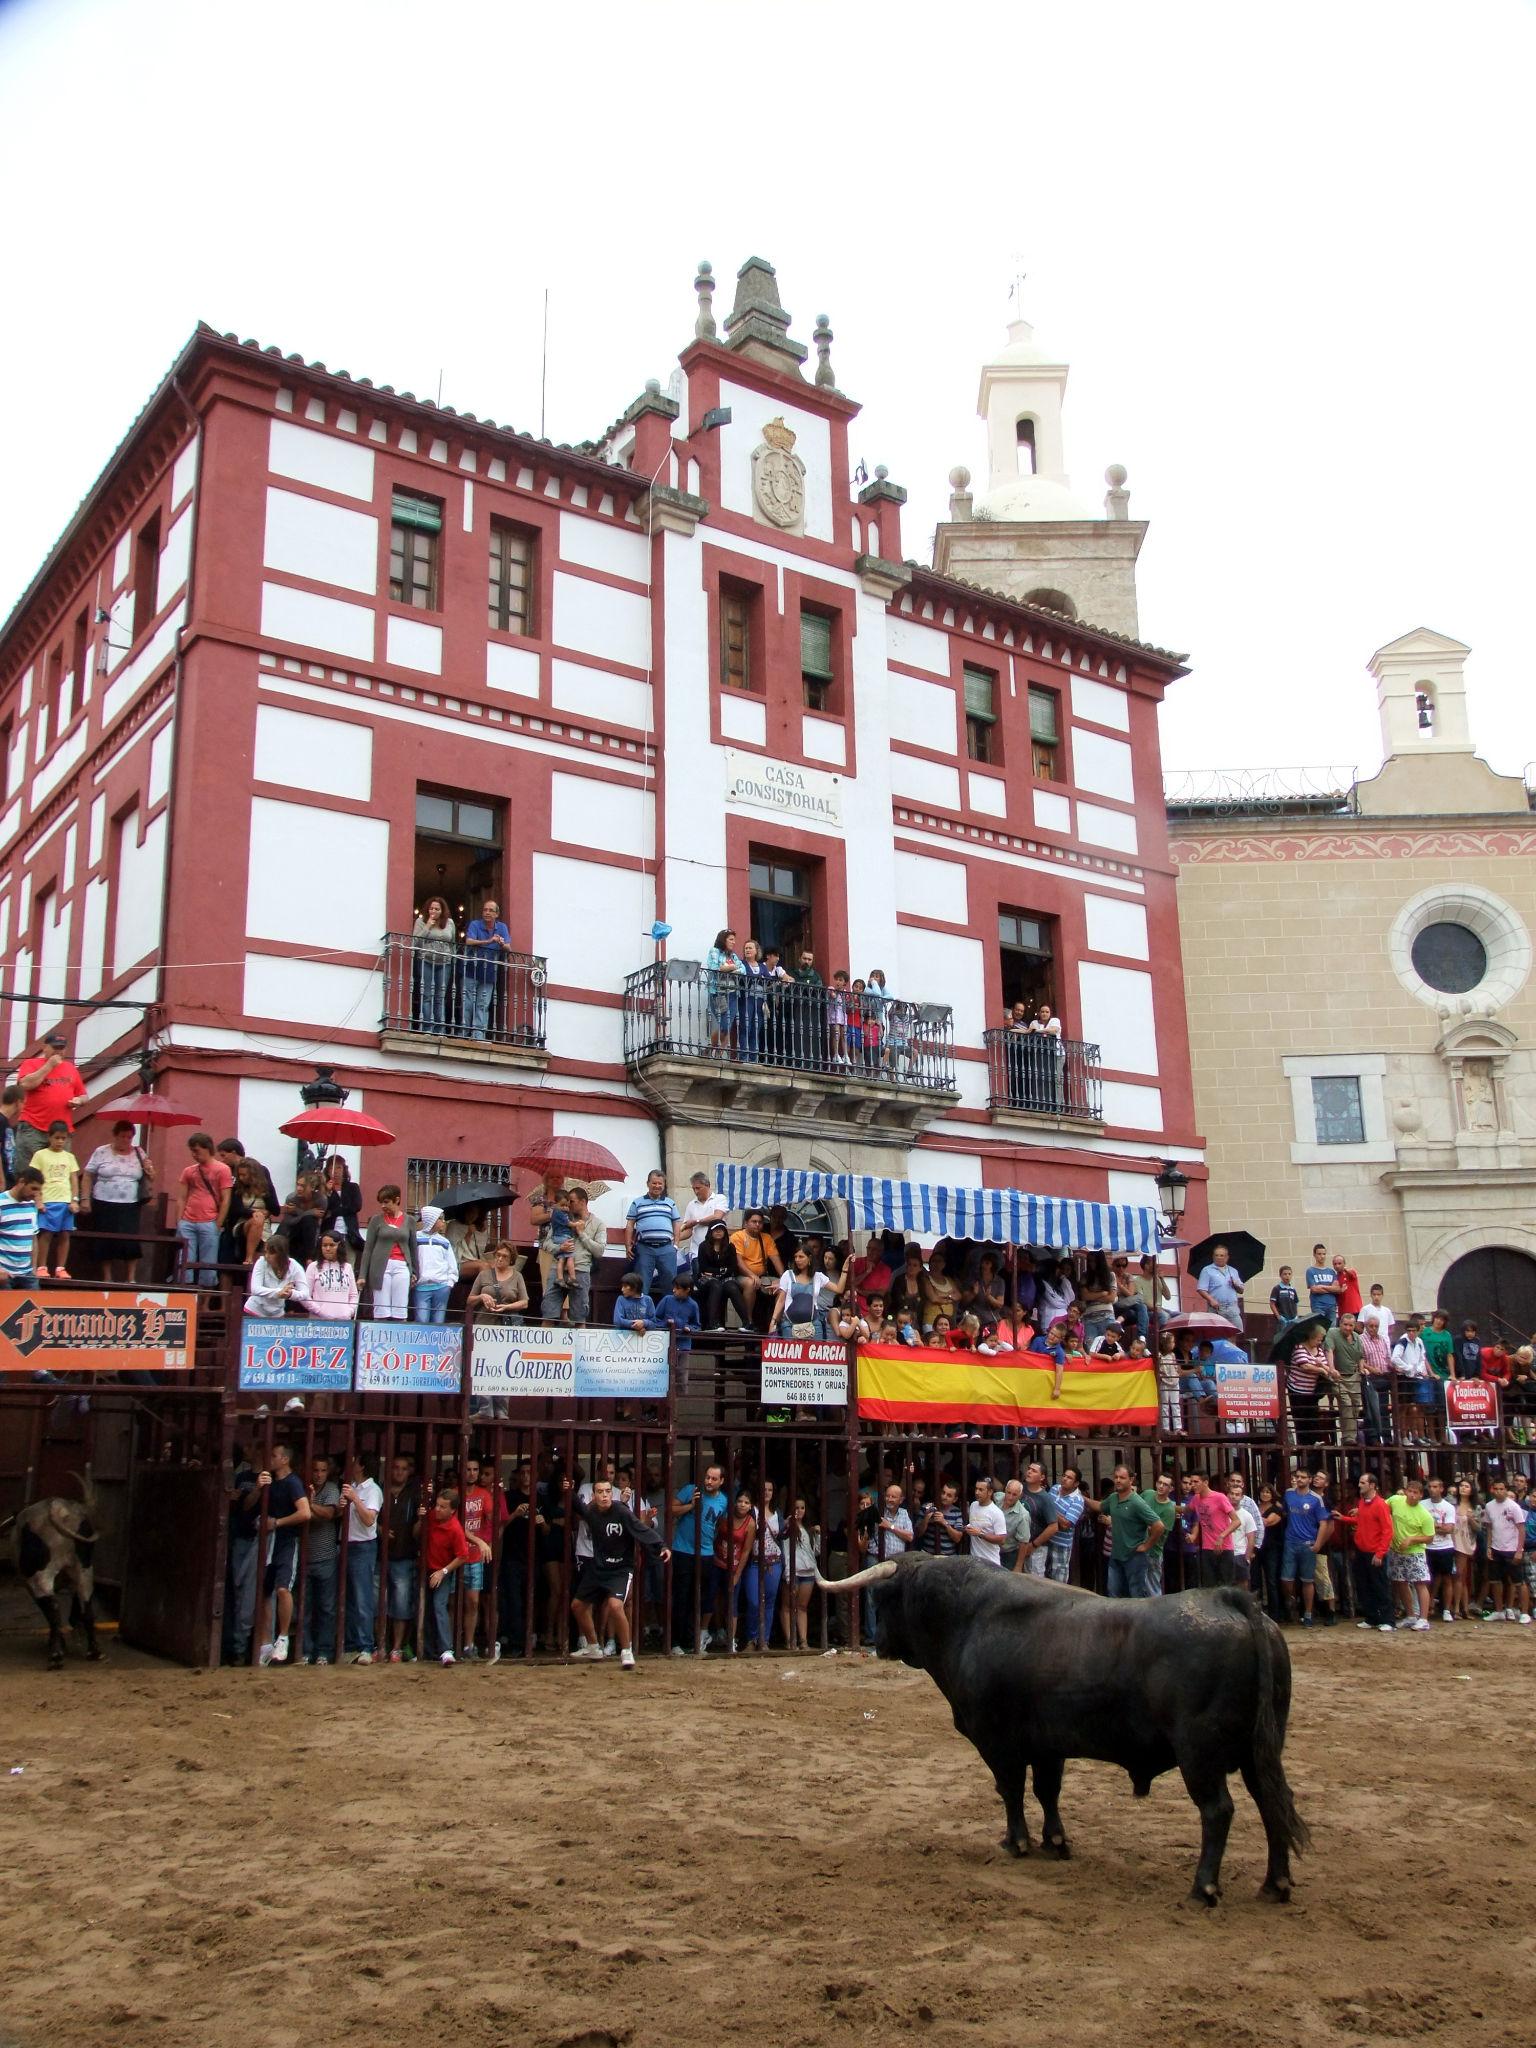 El Ayuntamiento aprueba una breve modificación en la ordenanza reguladora de los festejos taurinos de Torrejoncillo